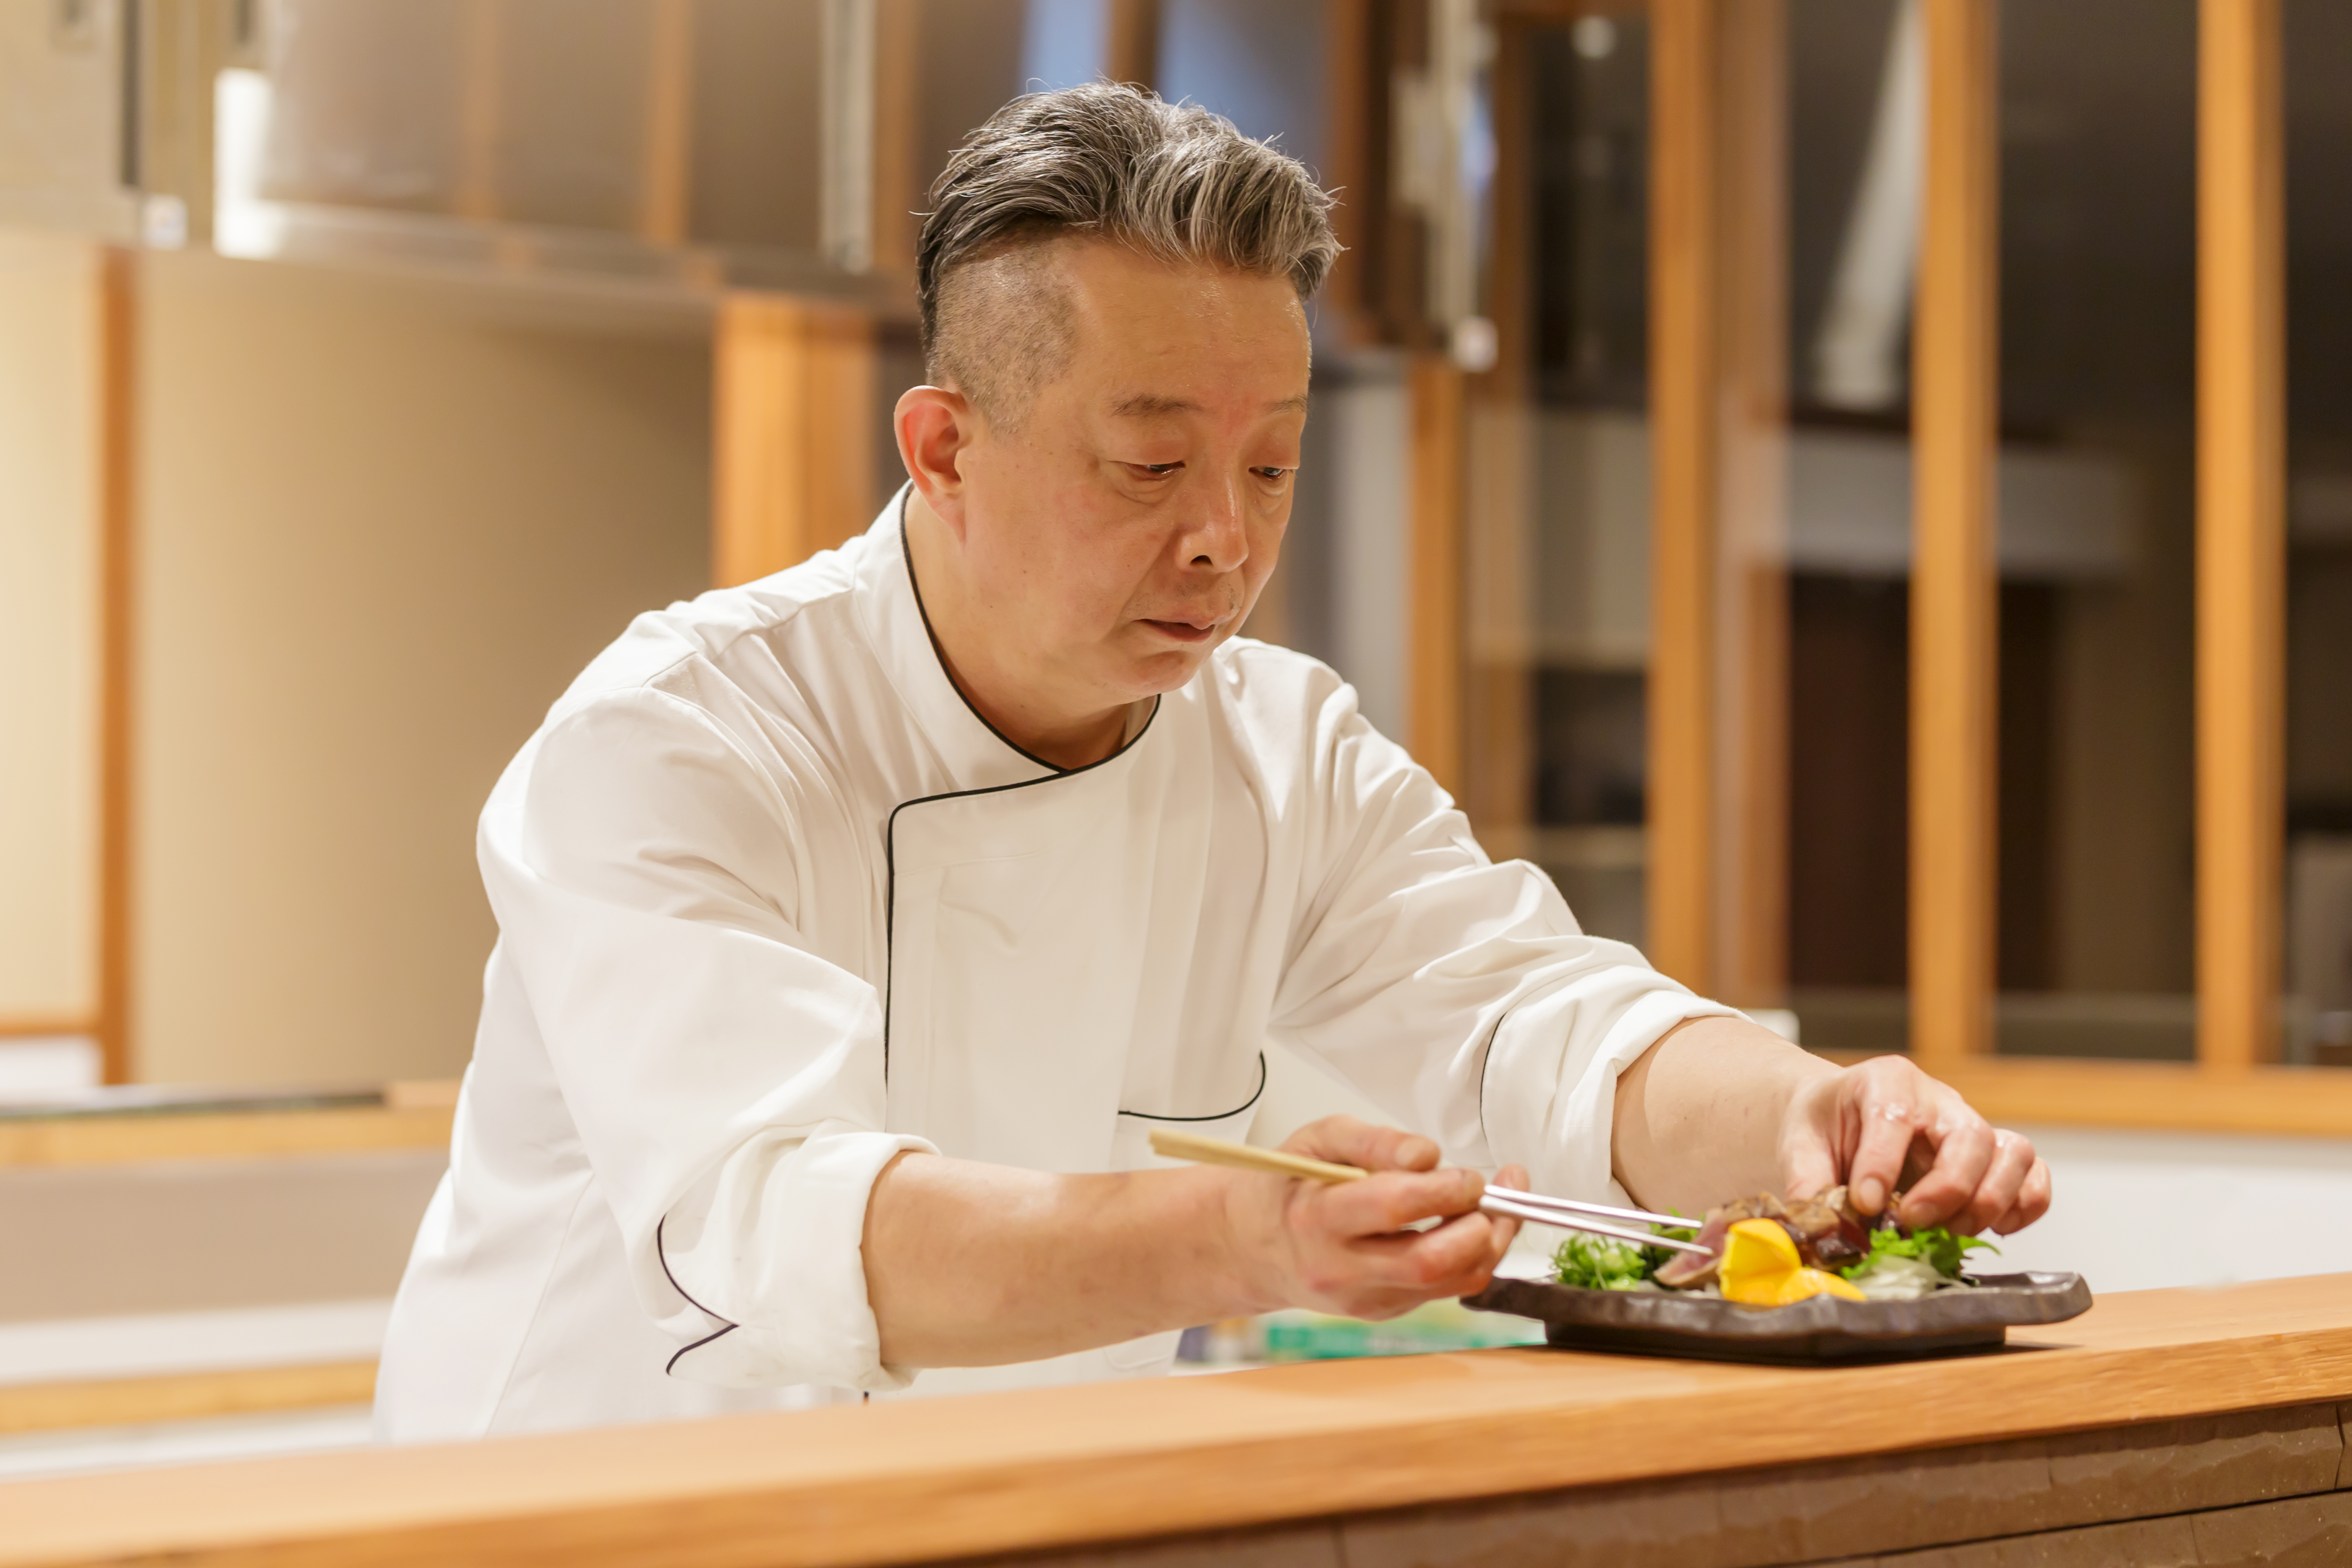 【調理スタッフ】未経験応募可◆温泉旅館内レストランでの調理スタッフ